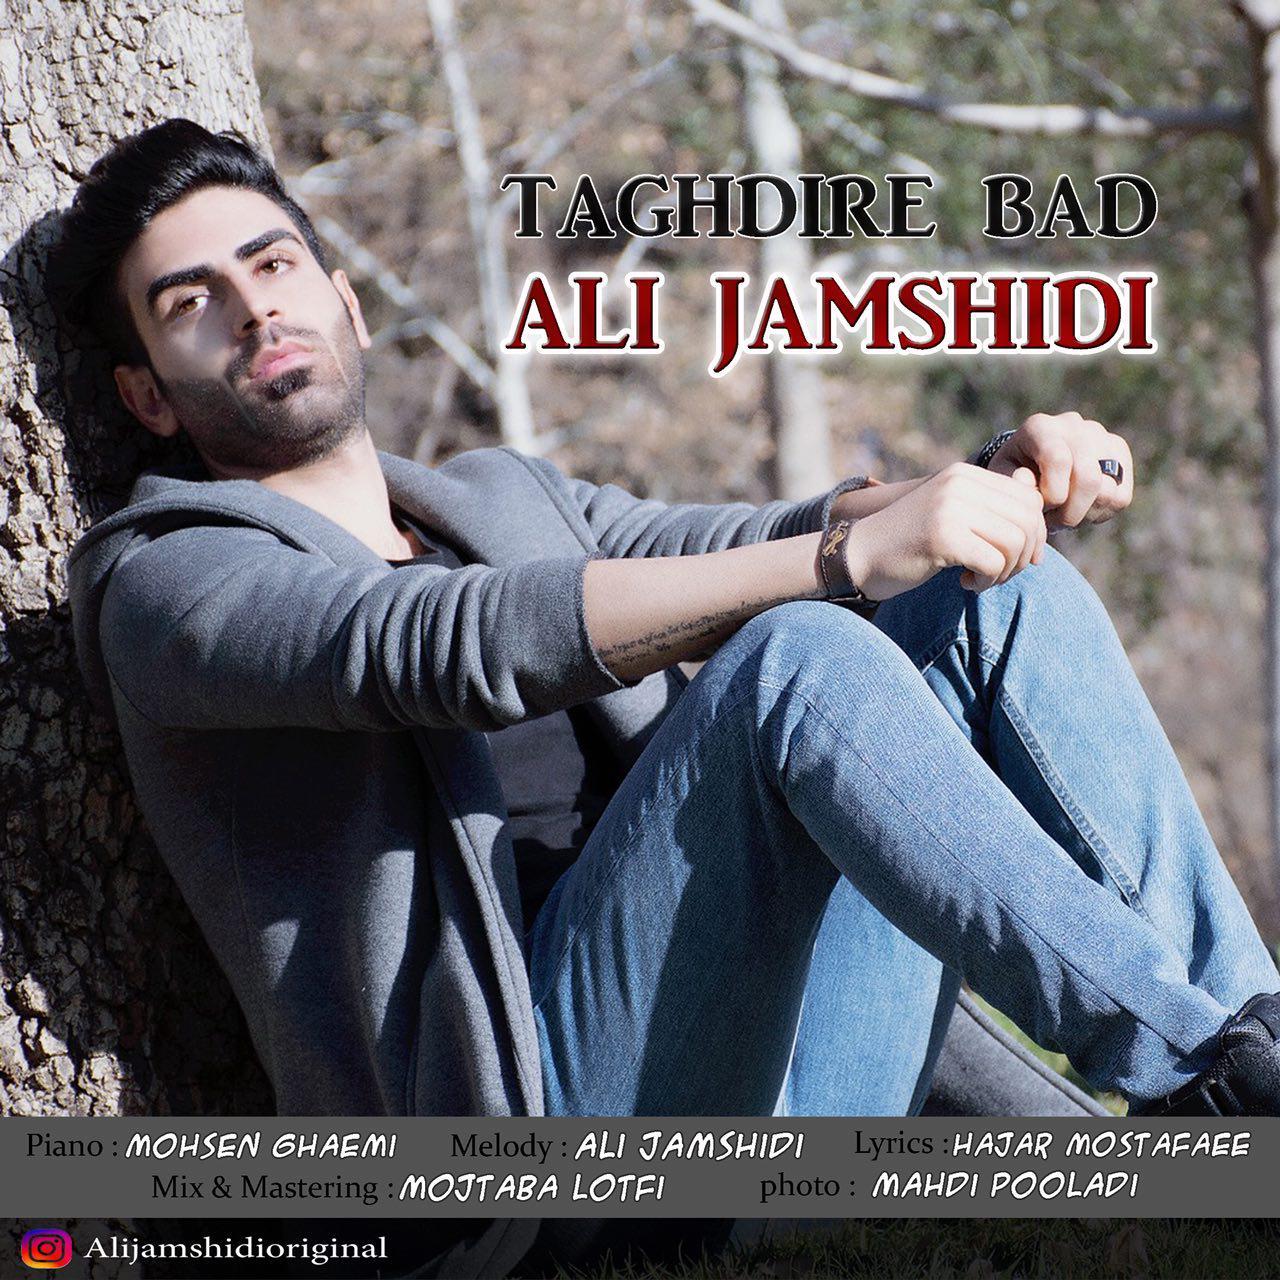 دانلود آهنگ جدید علی جمشیدی به نام تقدیر بد